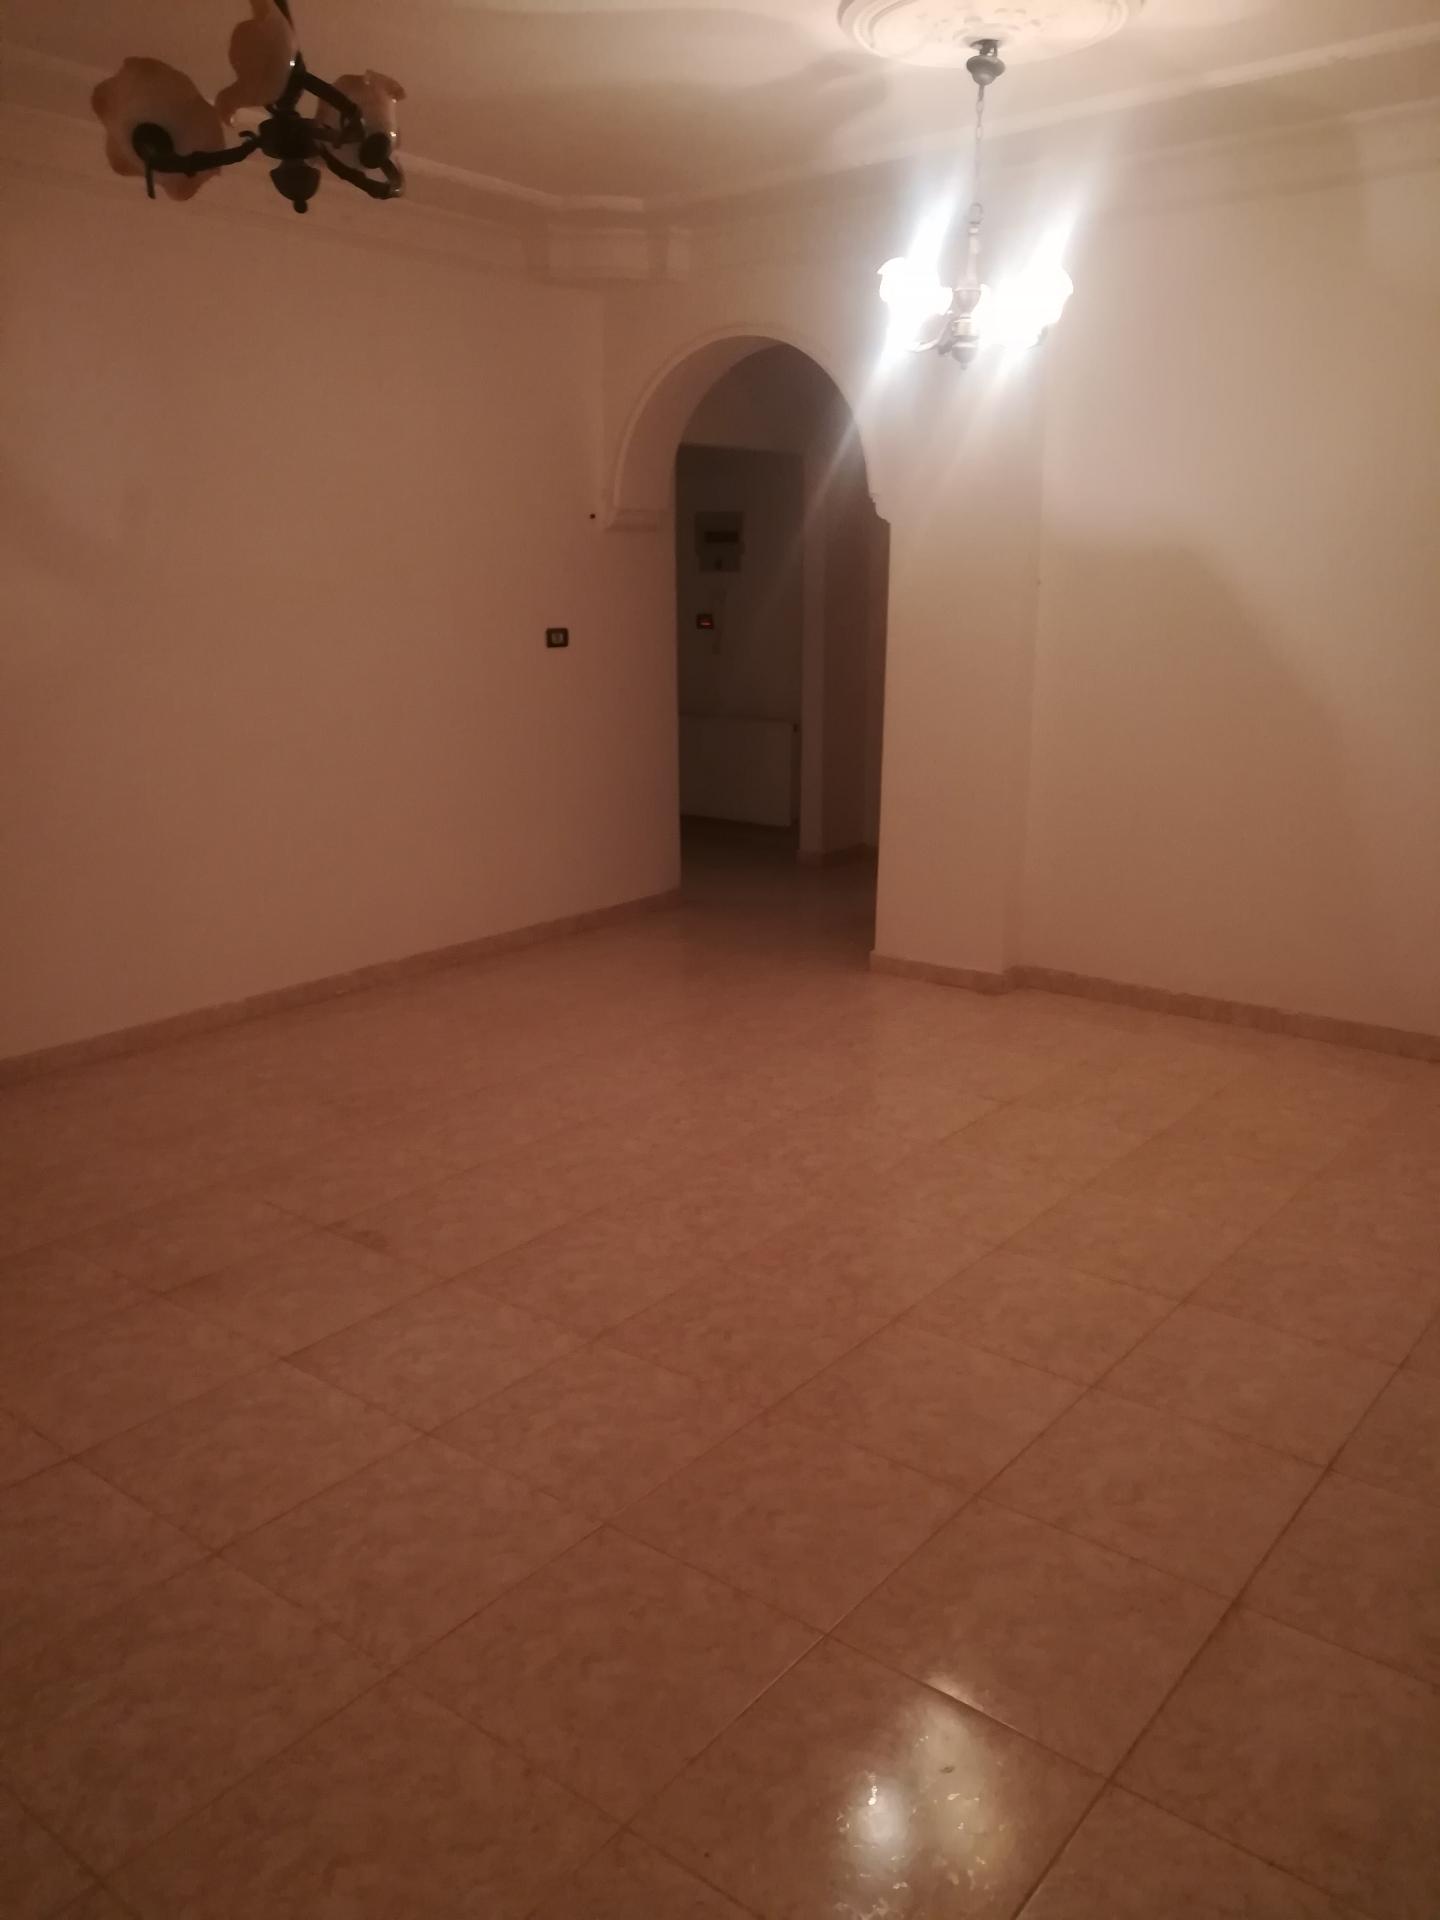 للاجار في أبو ظبي غرفتين ✌🏻وصاله مساحة الغرفه 6/6 والصالة 6/5 مطبخ كبير حمامين شامل ماء و�-  شقة فارغة الايجار 3نوم...